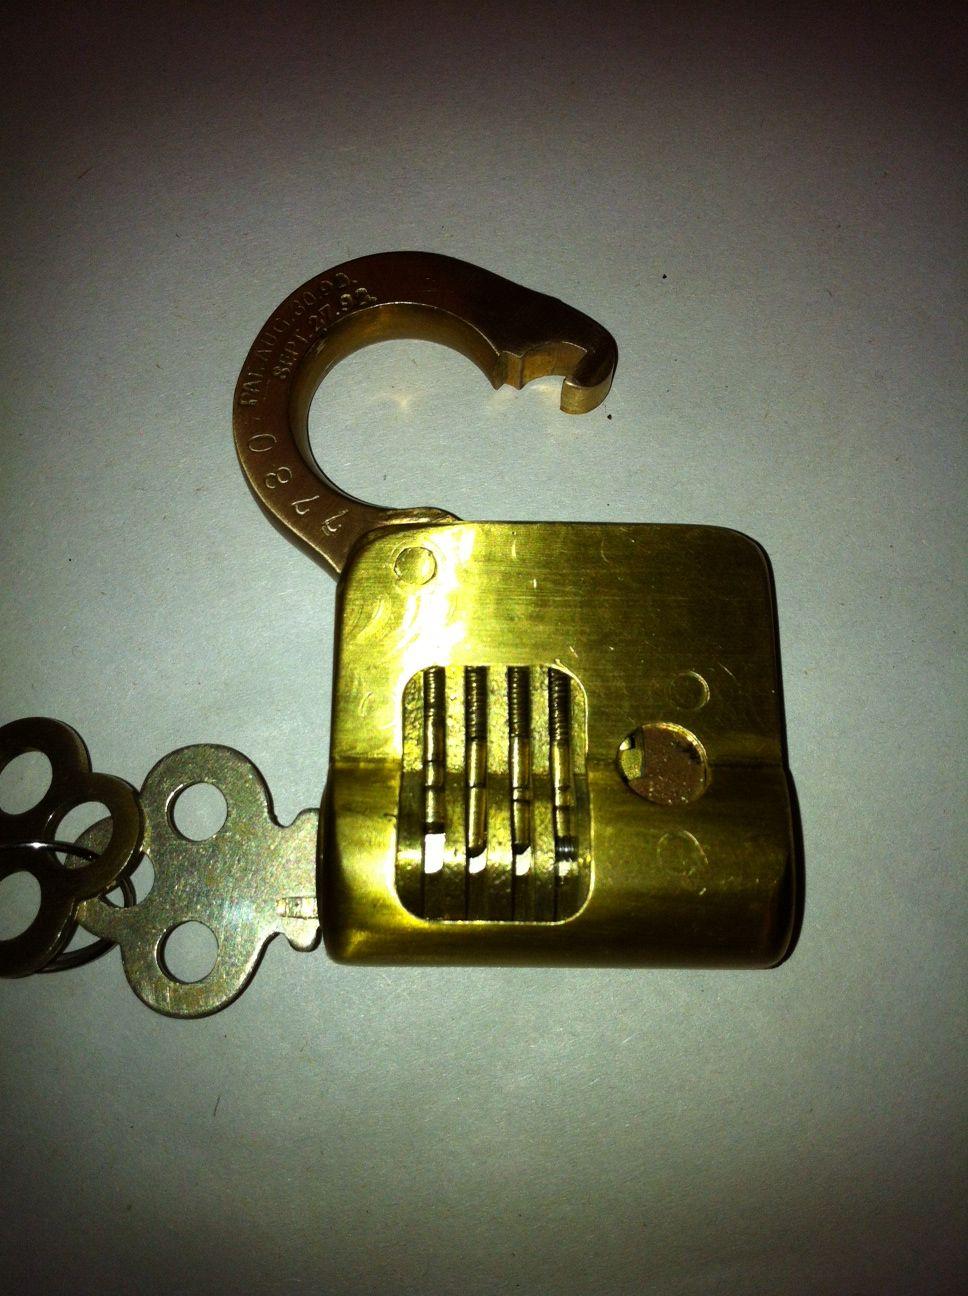 One Of My Favorite Corbin Pin Tumbler Cutaway Padlocks